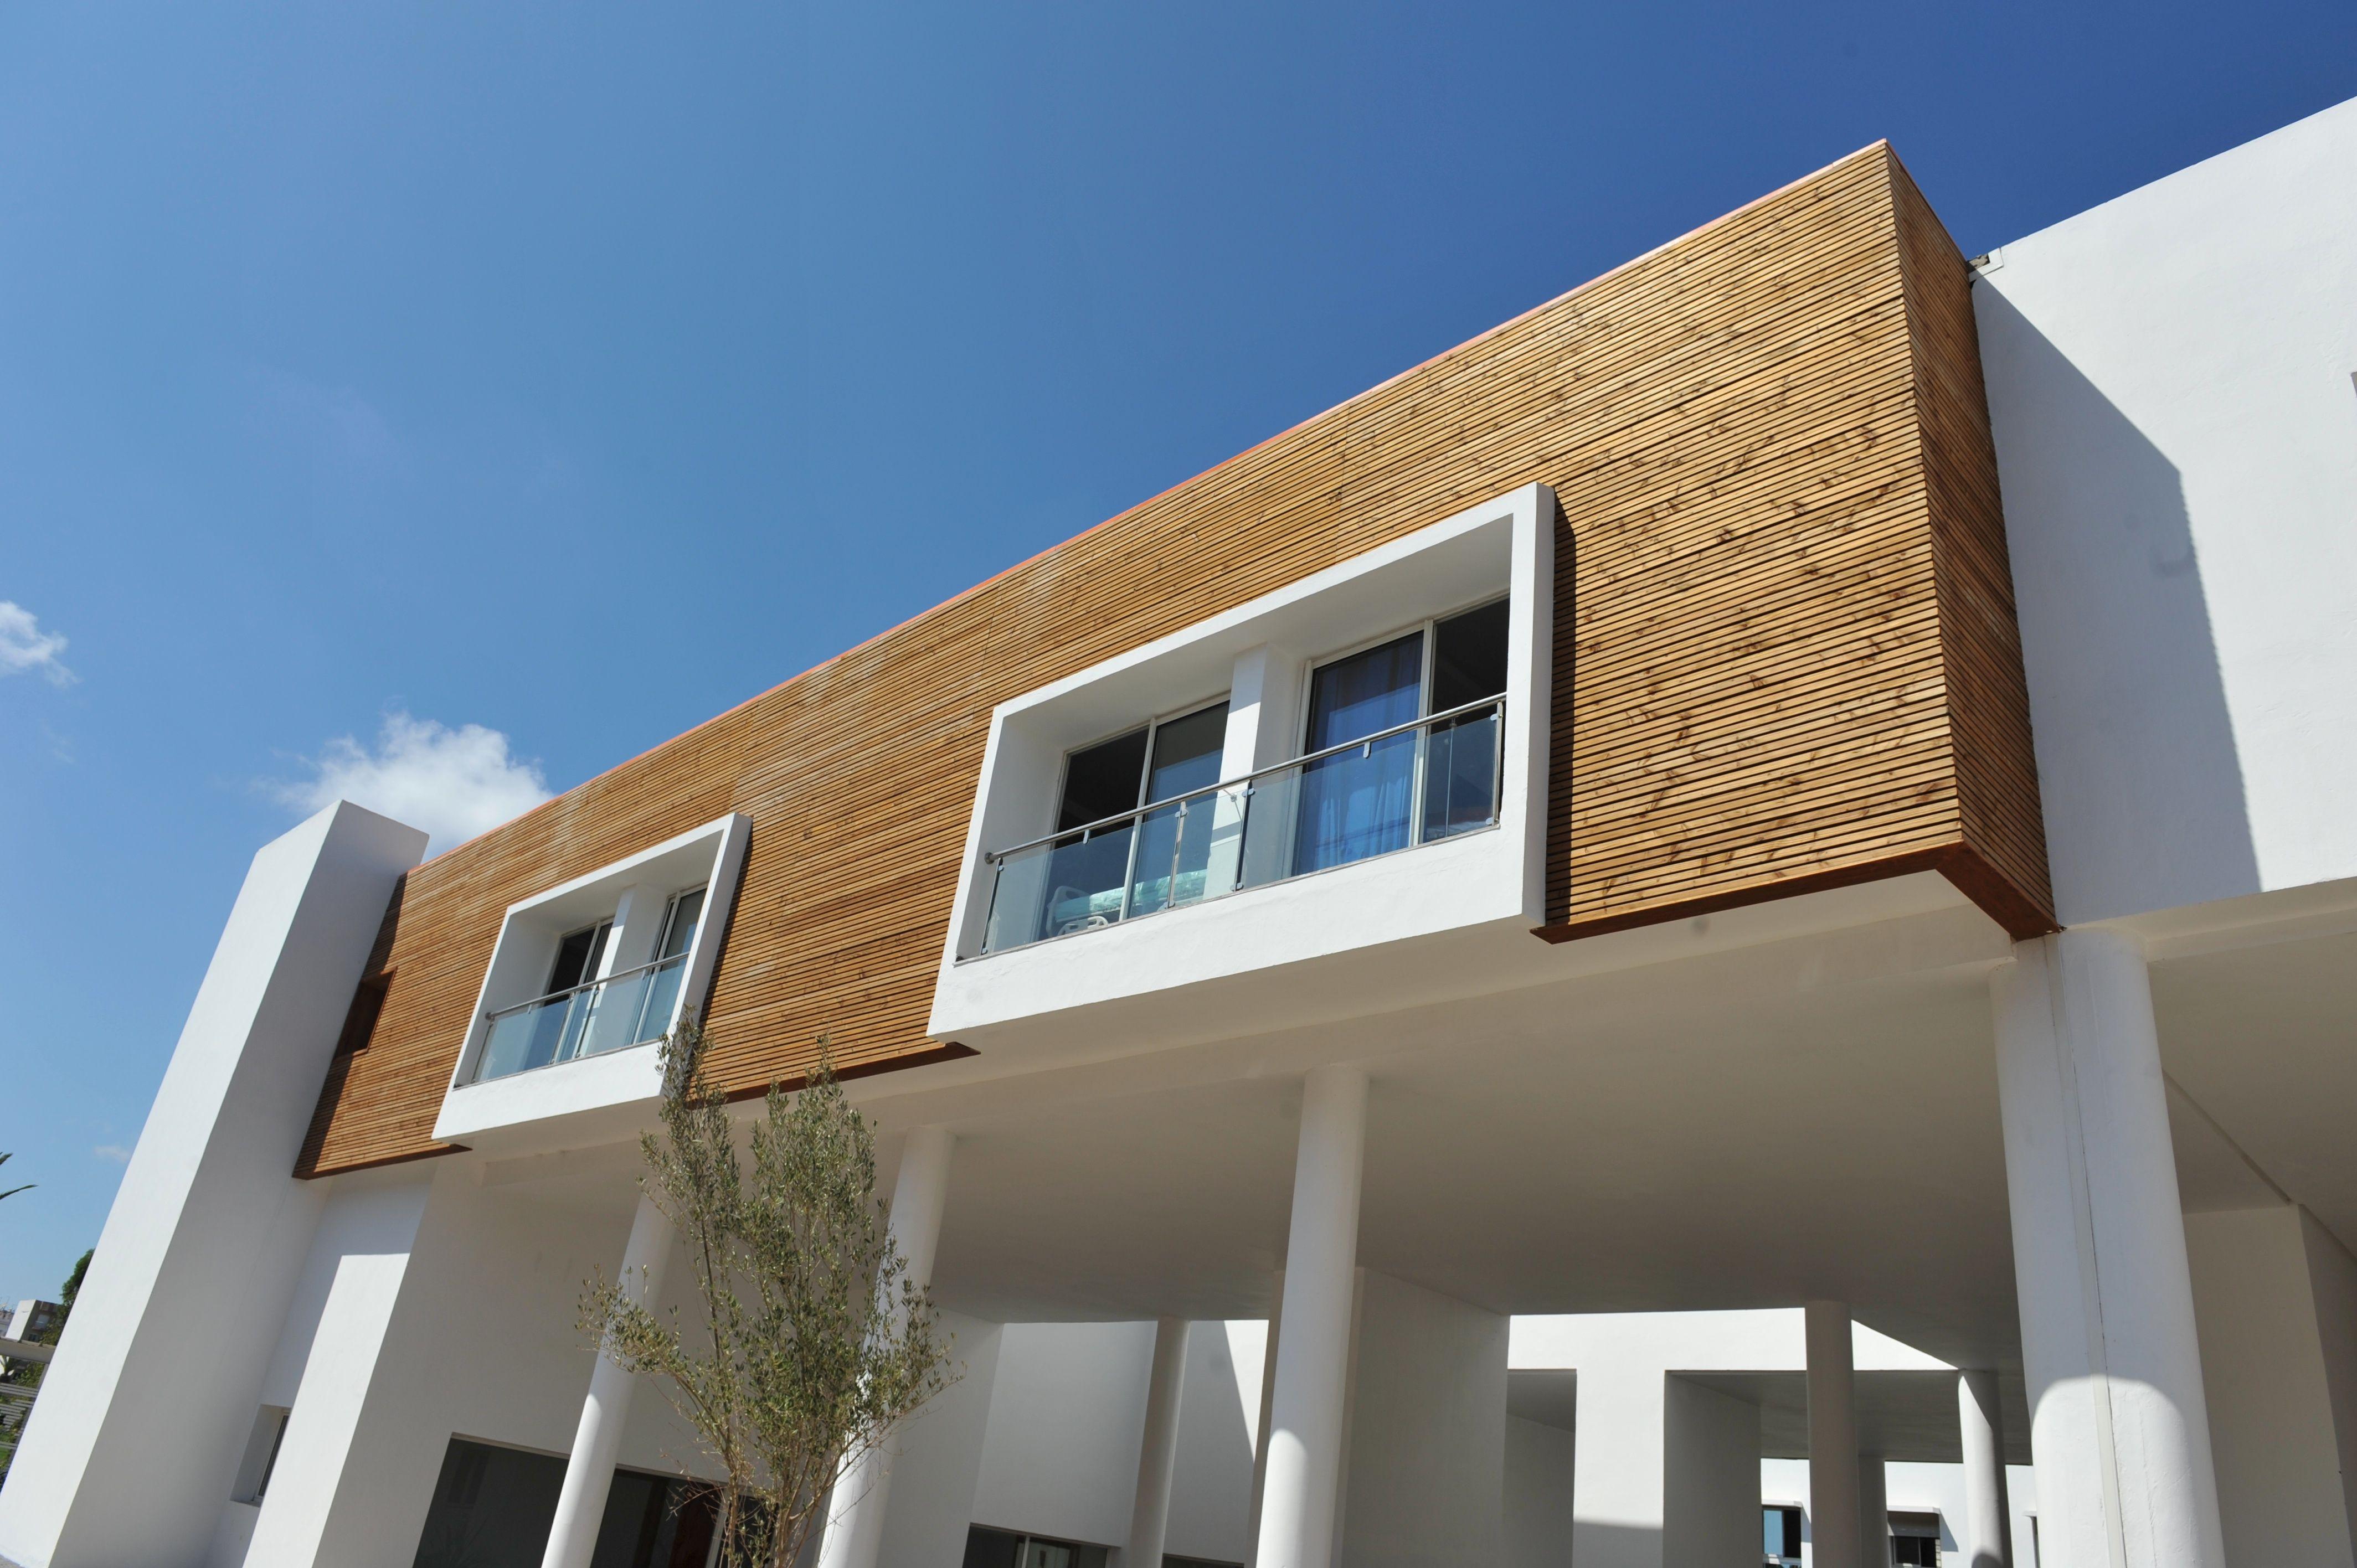 Hôpital de Casablanca au Maroc avec le bardage Vibrato en  ~ Piveteau Bois Bardage